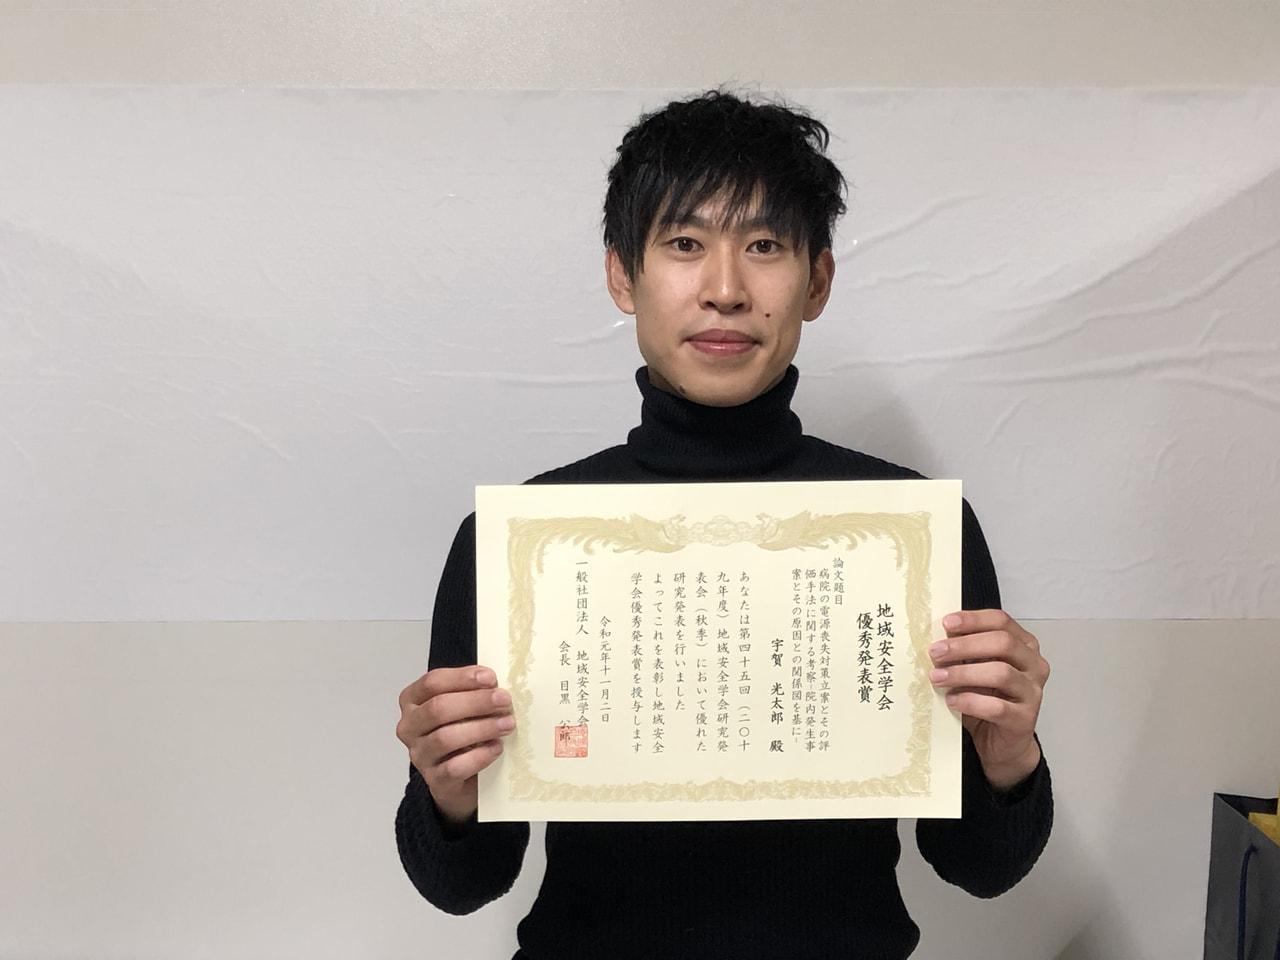 大学院社会開発工学専攻2年(池内研究室)宇賀光太郎くんが「第45回地域安全学会研究発表会 優秀発表賞」を受賞しました